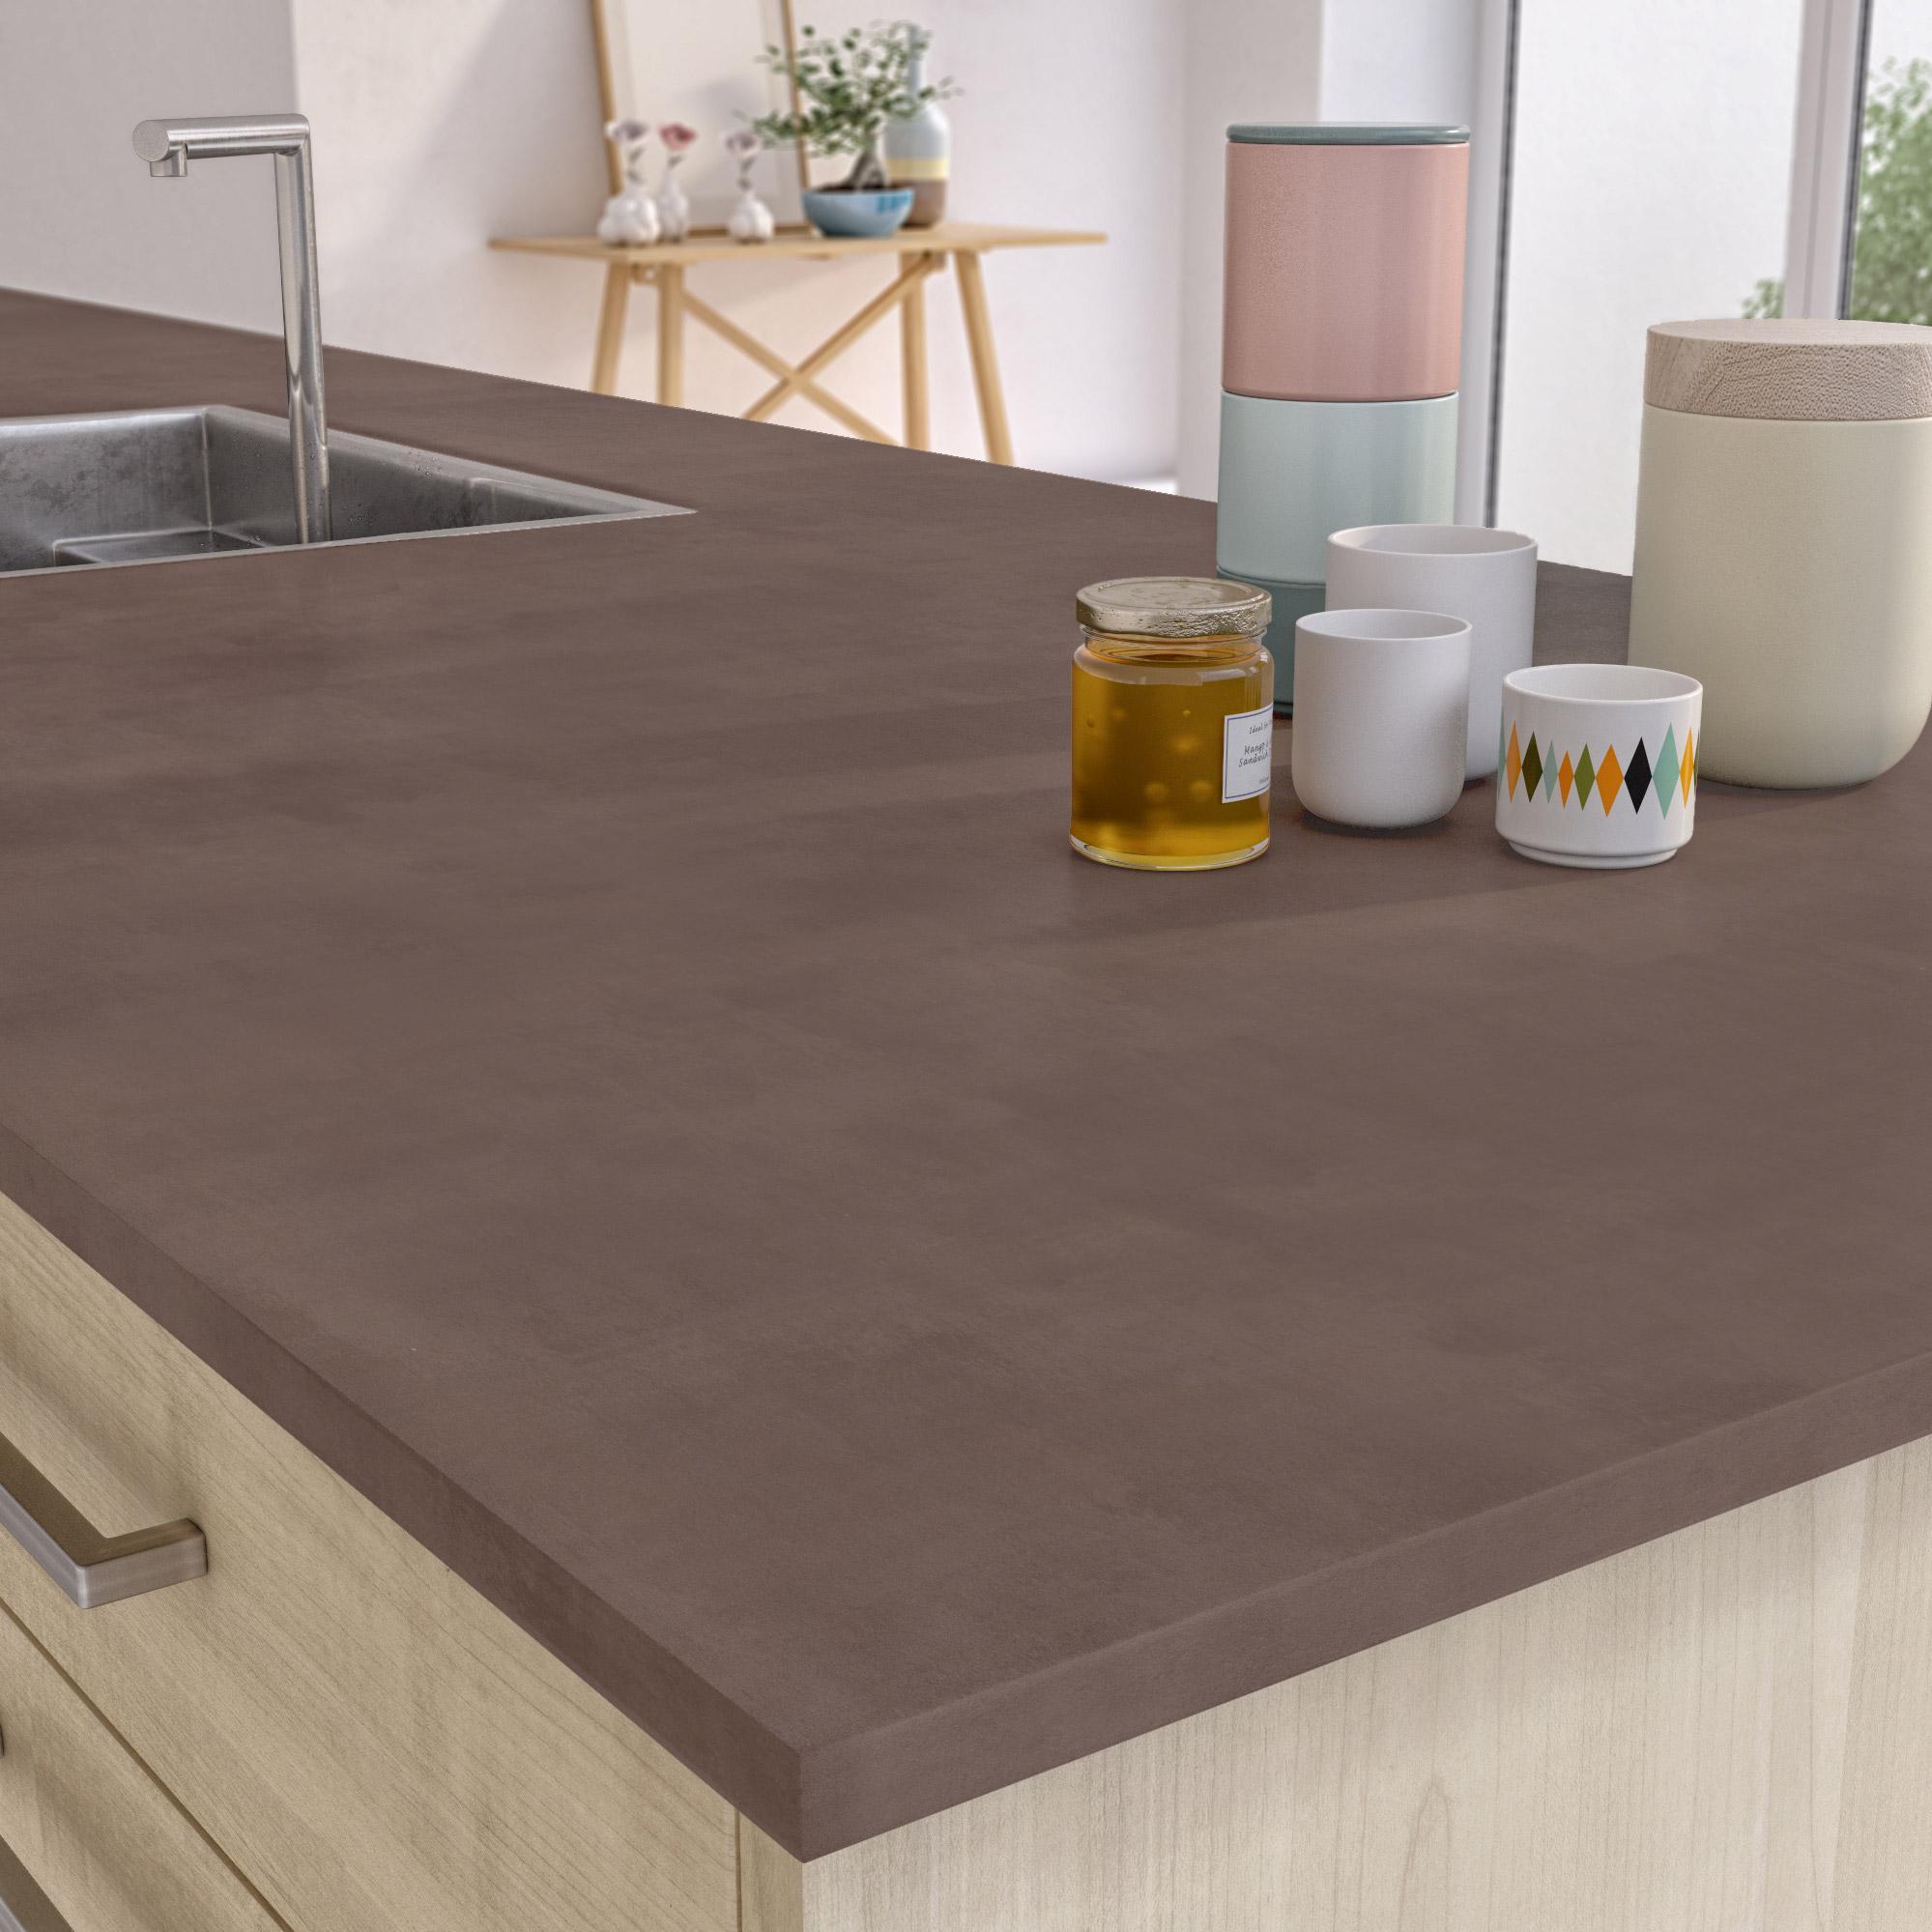 plan snack stratifié beton cire marron mat l.200 x p.40 cm, ep.38 mm